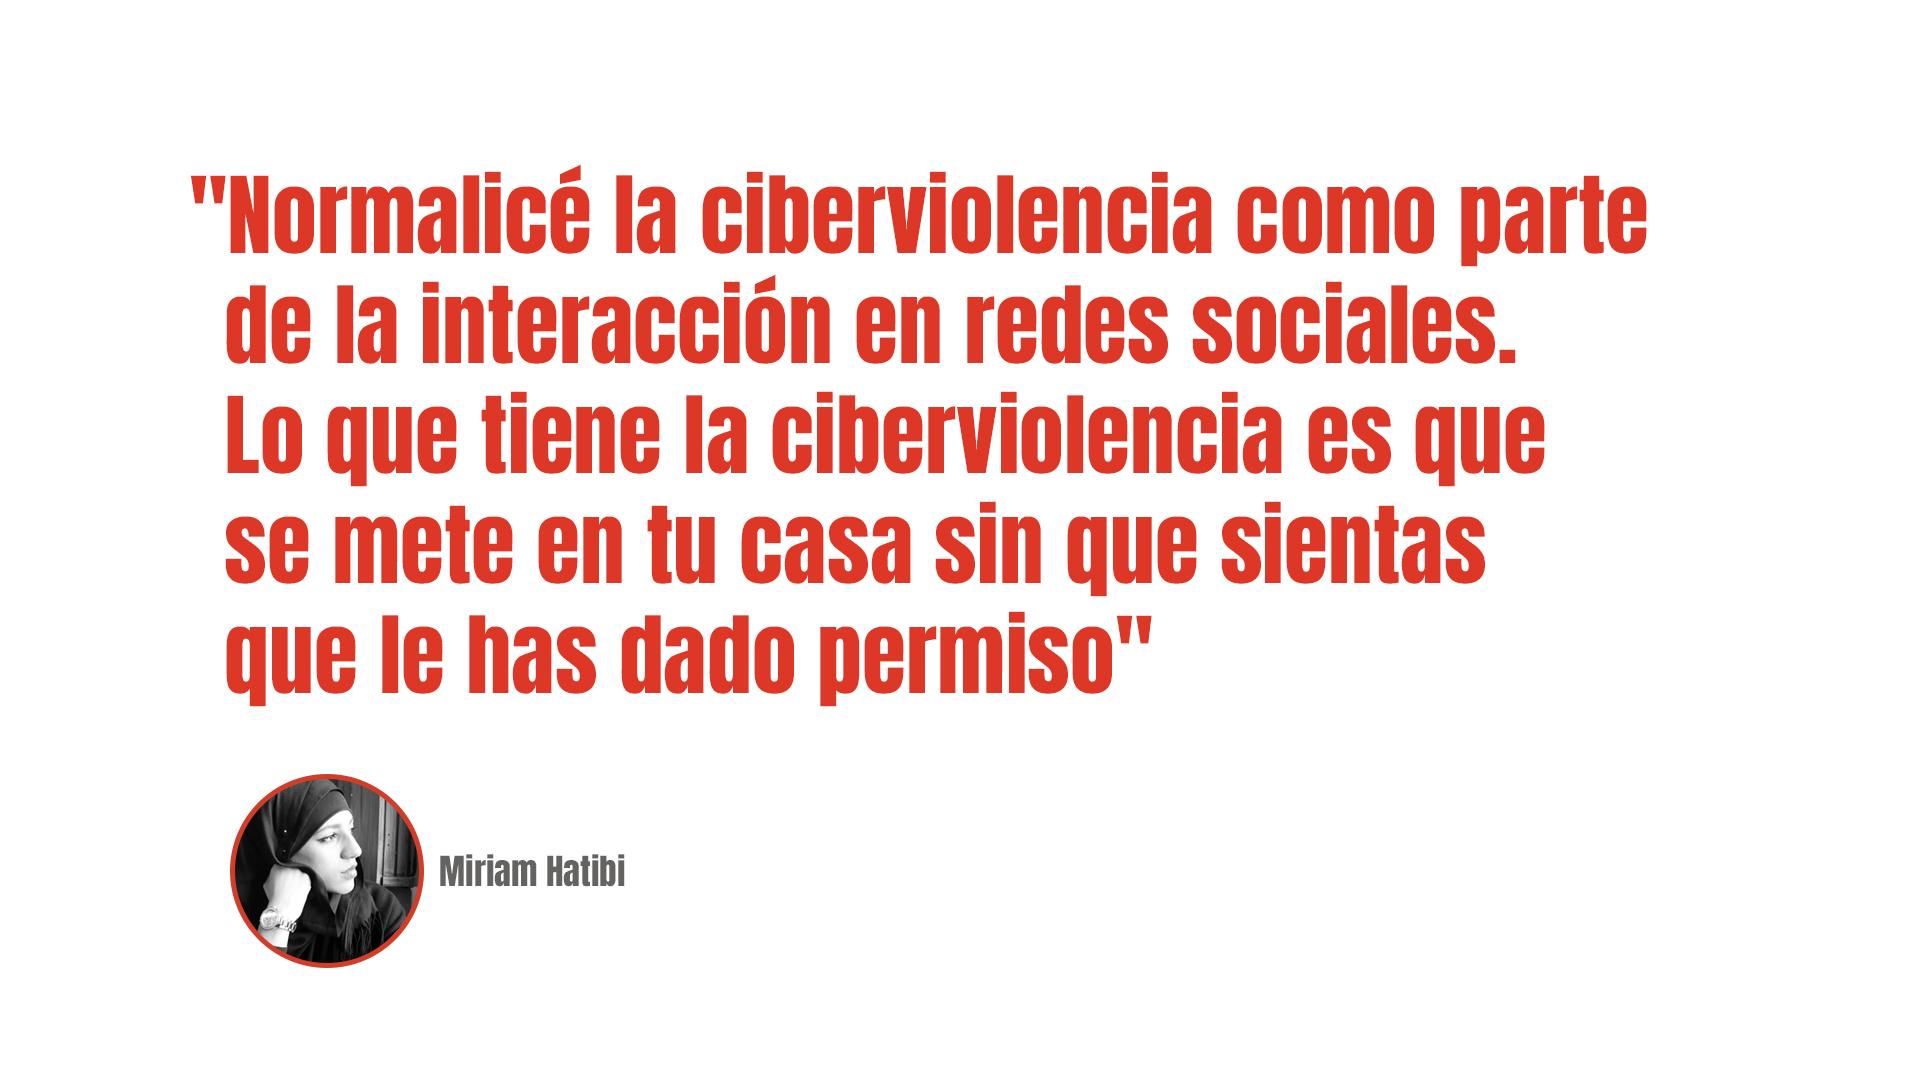 Míriam Hatibi: Voces en tu cabeza, los ecos de la ciberviolencia